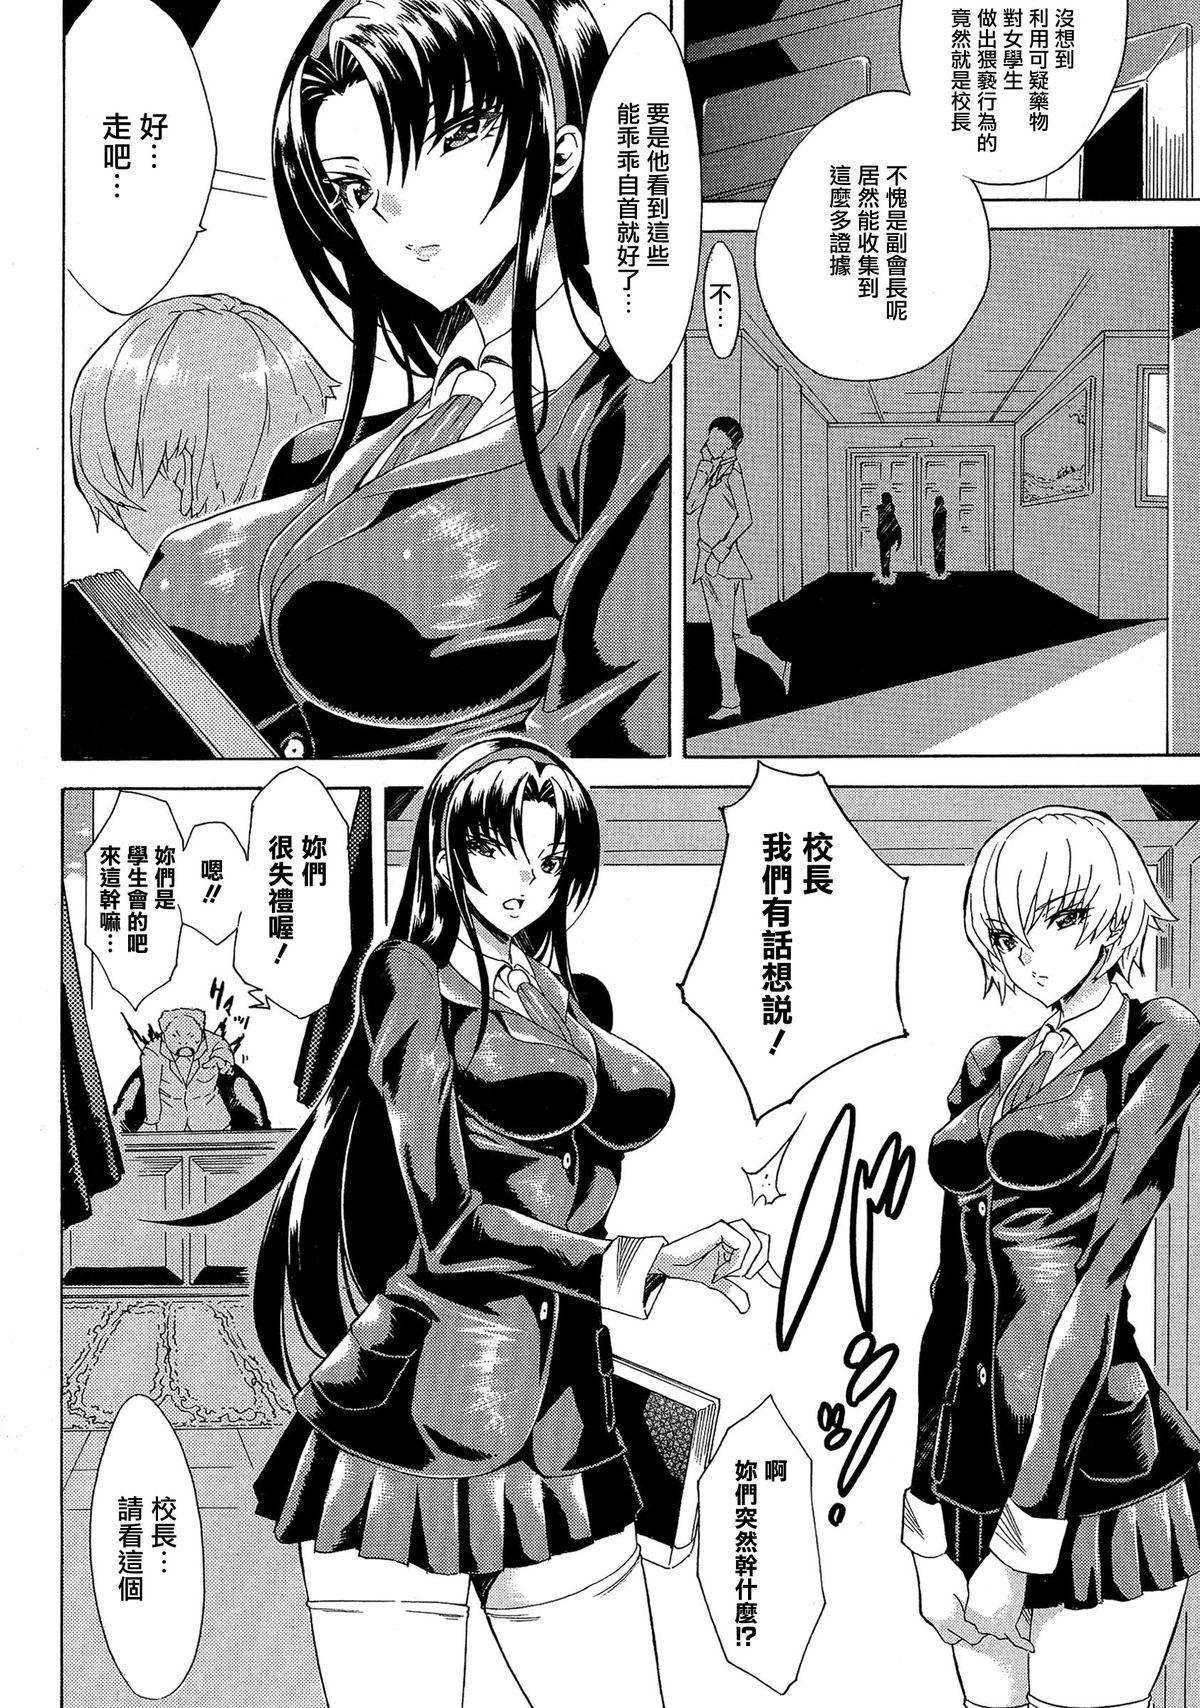 Kachiki na Onna ga Buzama na Ahegao o Sarasu Made 46